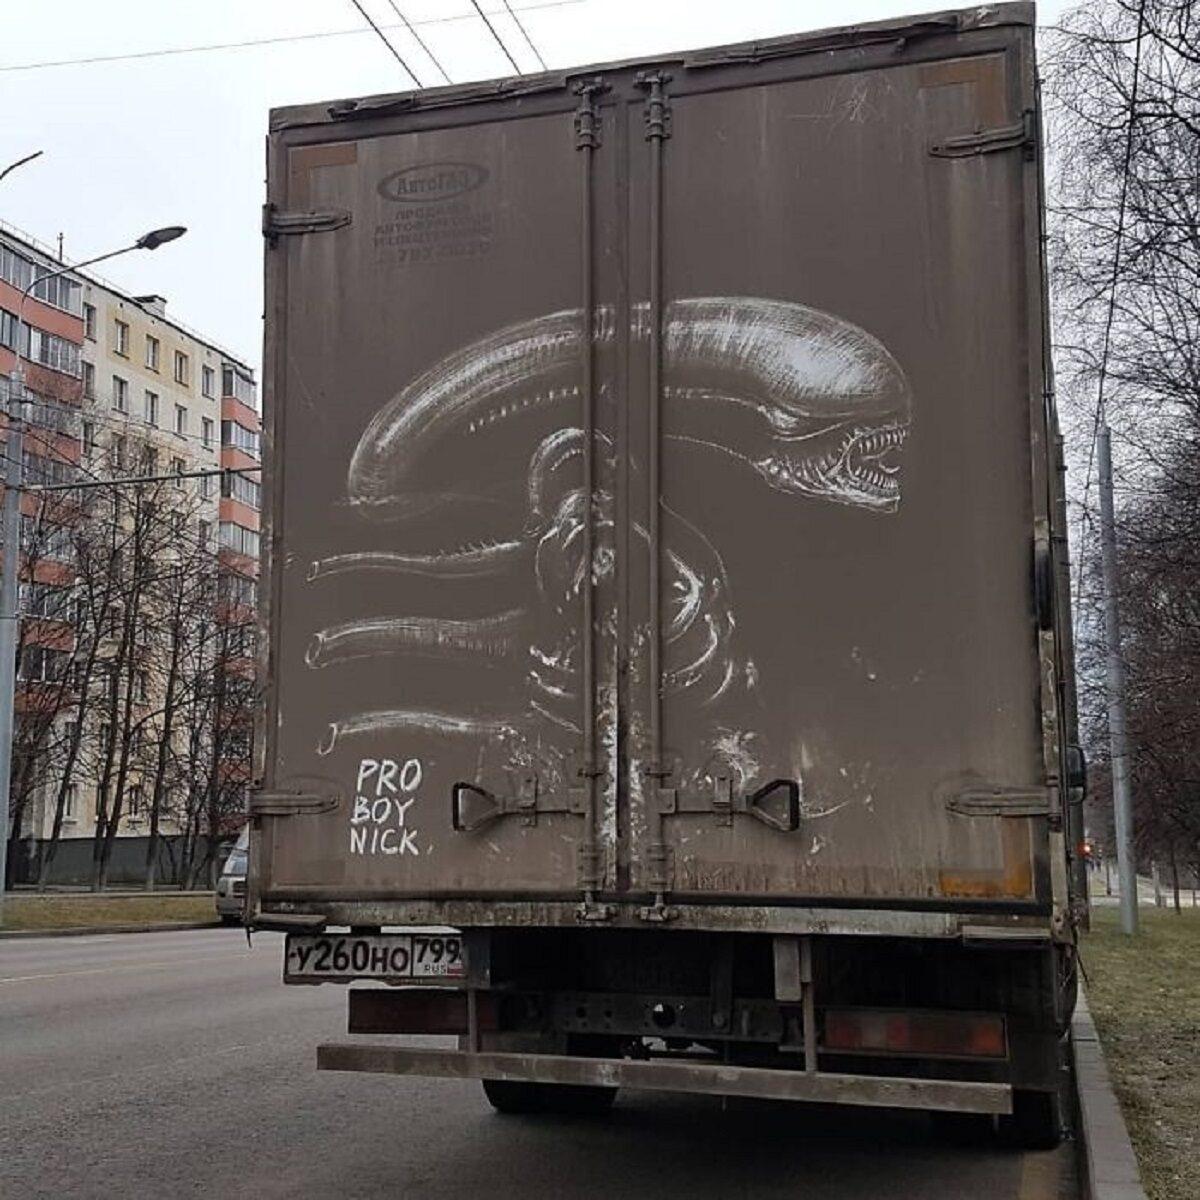 Nikita Golubev artista russa cria desenhos incriveis em caminhoes e tecnica chama atencao 10